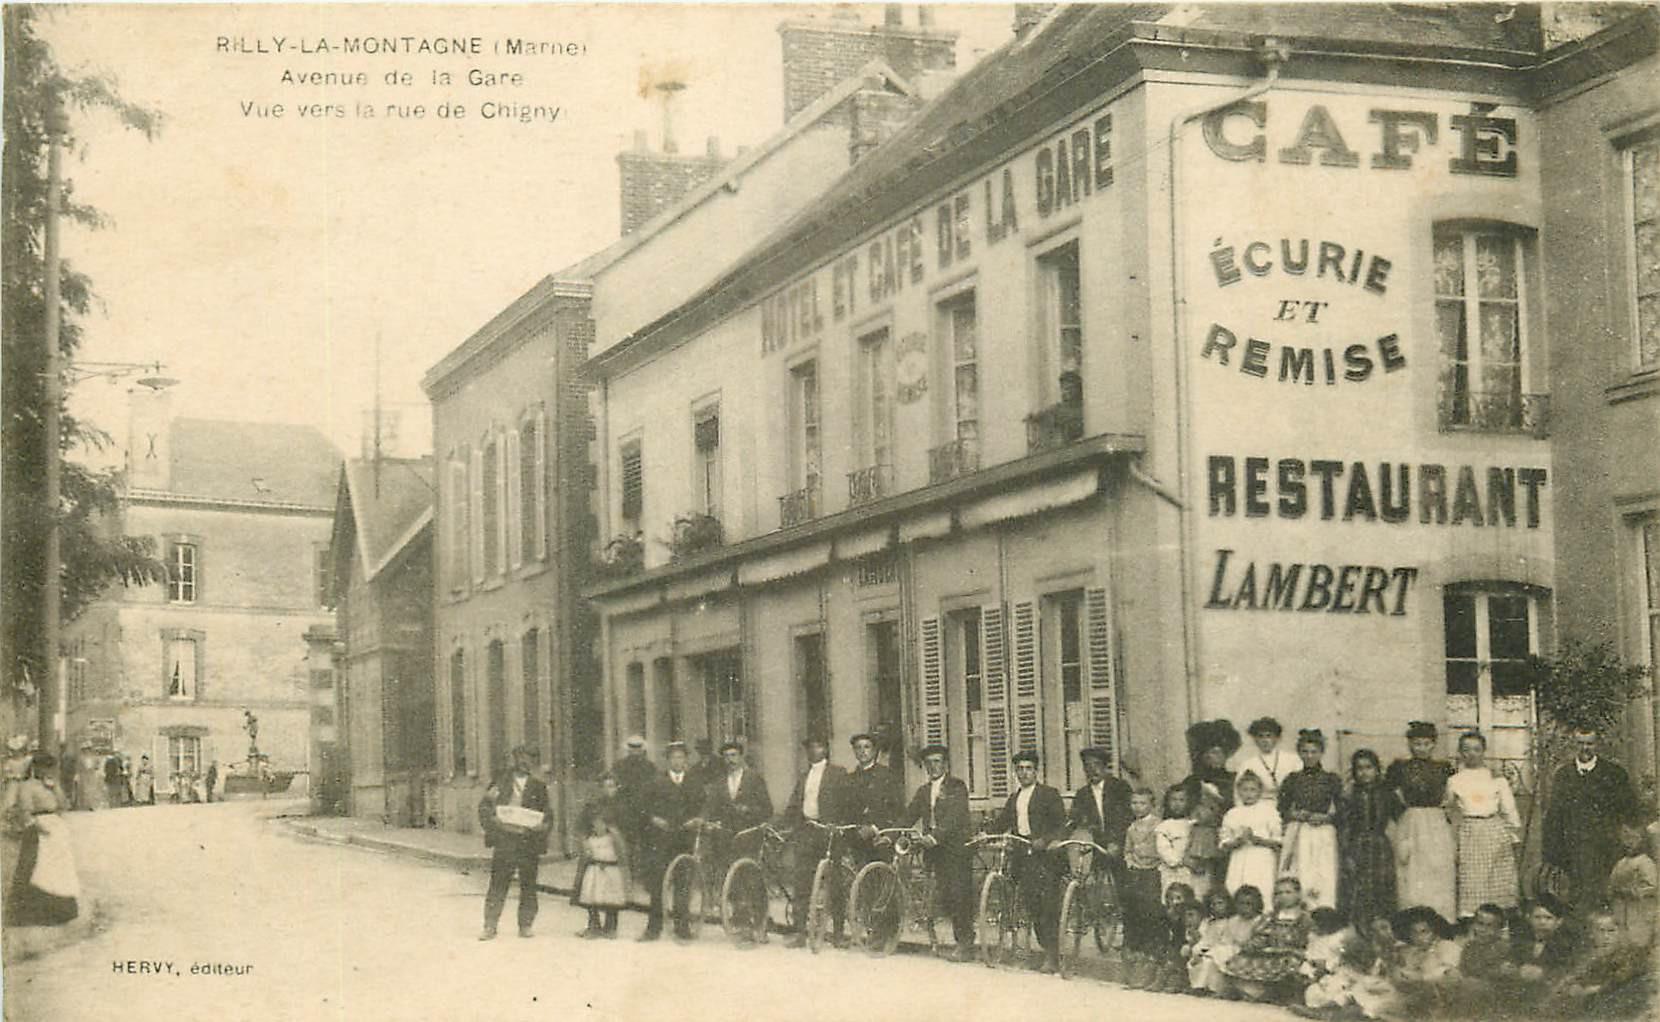 WW 51 RILLY-LA-MONTAGNE. Cyclistes Café Hôtel Restaurant avenue de la Gare rue de Chigny